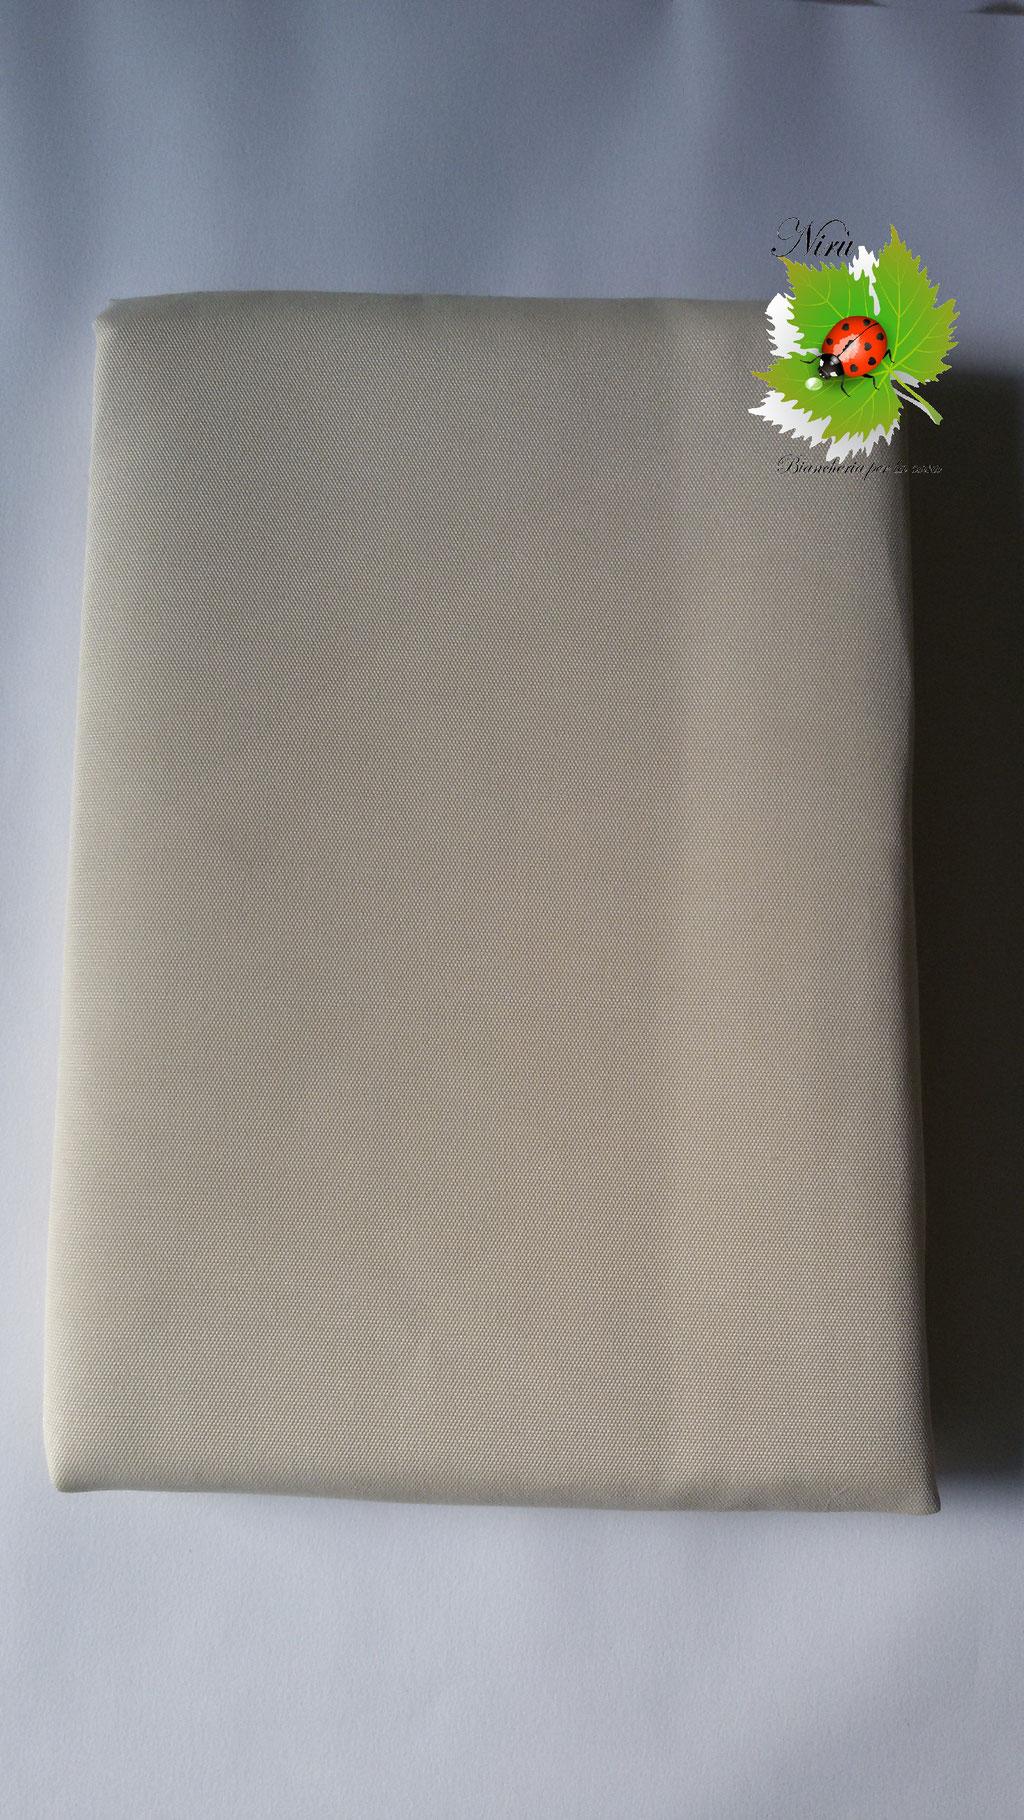 Tende Con Anelli Per Esterni.Tenda Da Sole Con Anelli 145x290 Cm Per Esterno Tende A789